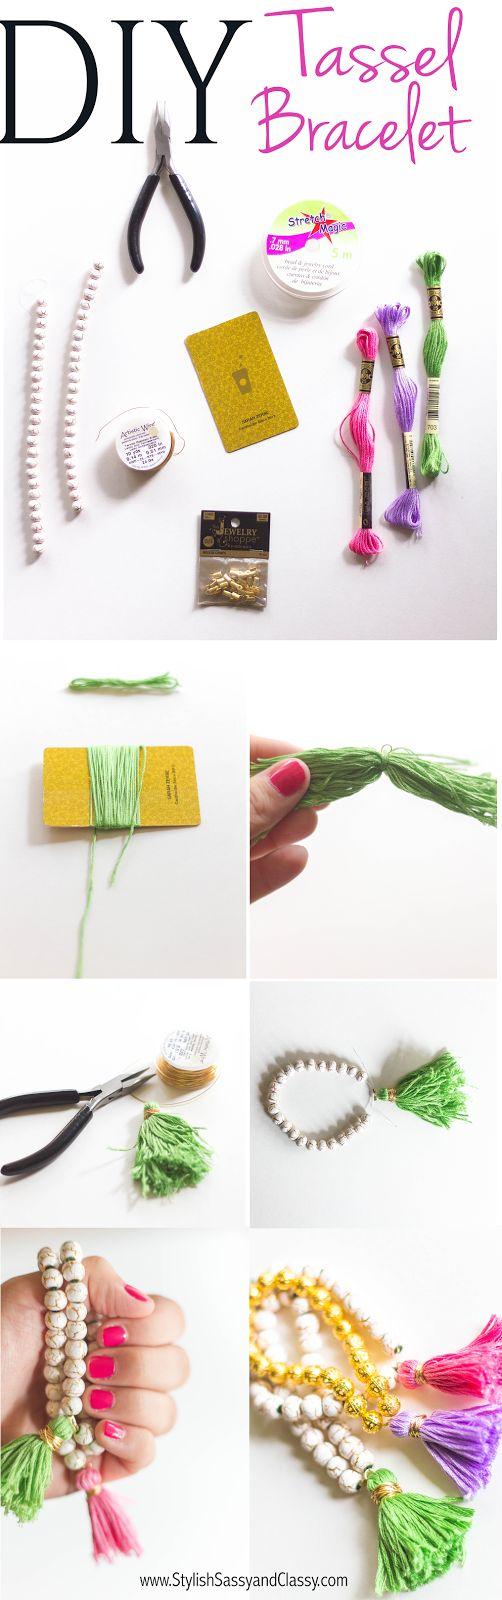 DIY Tassel Bracelets // Stylish Sassy and Classy